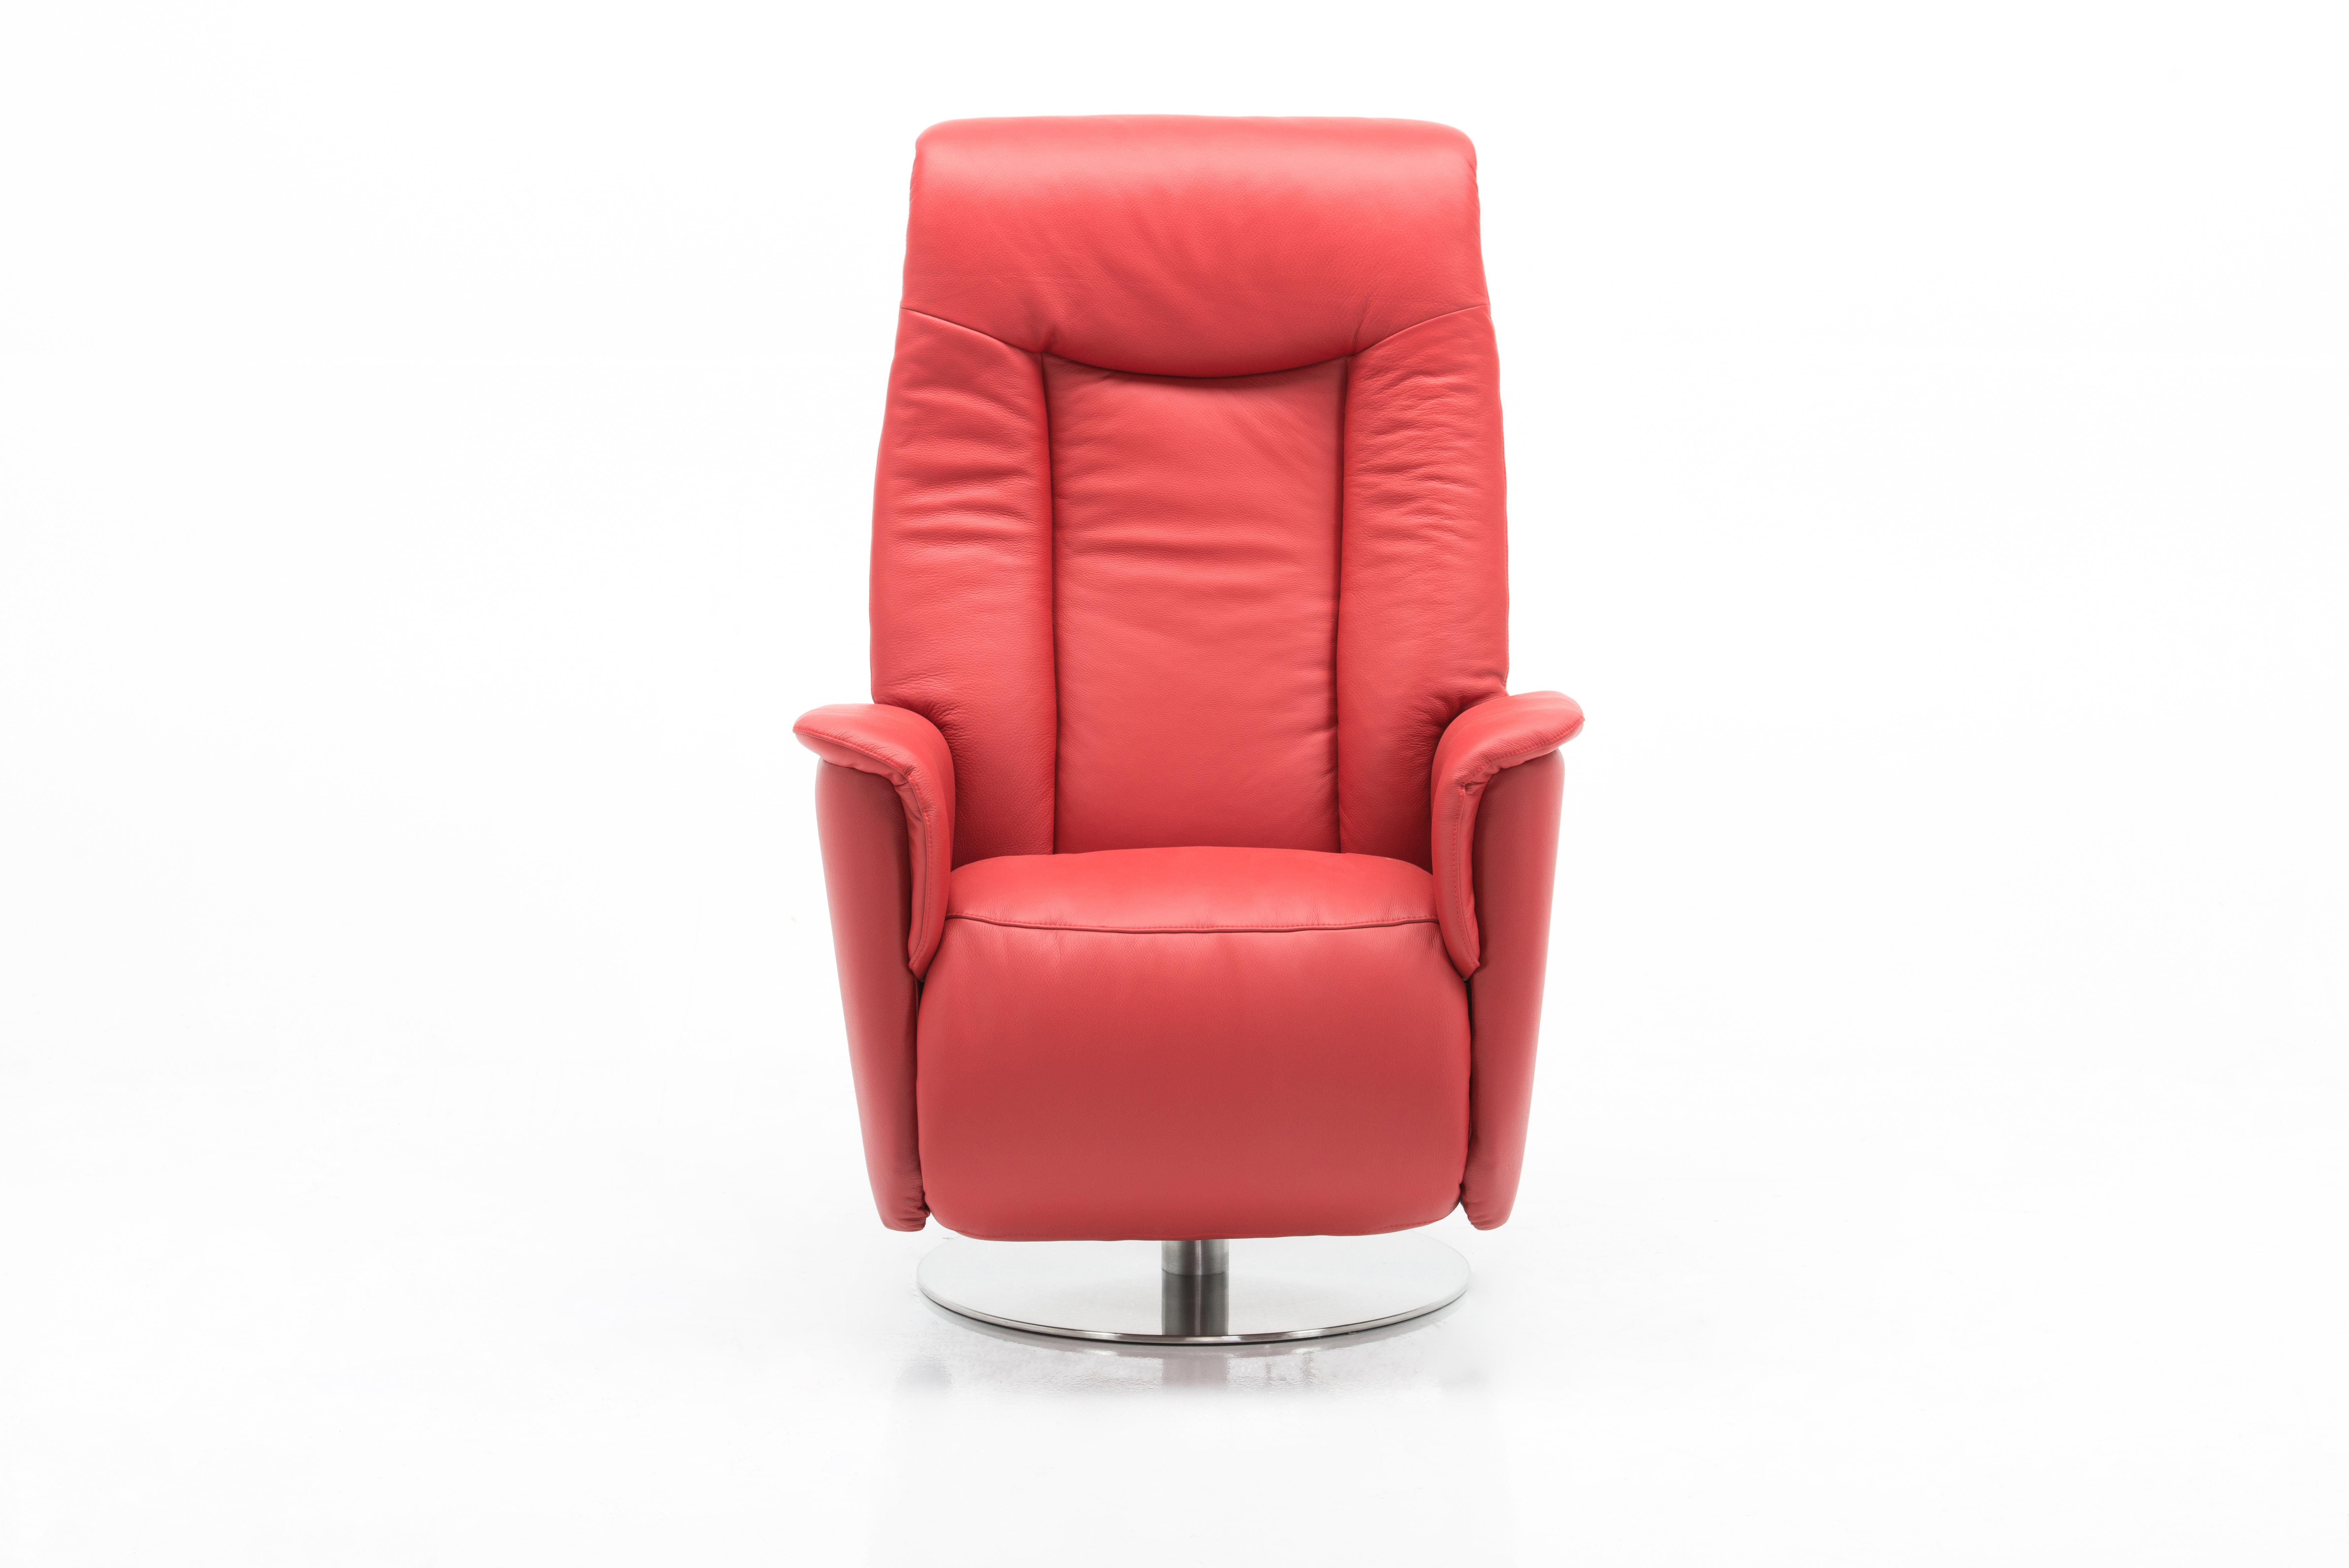 Hjort Knudsen Relax fauteuil 4508